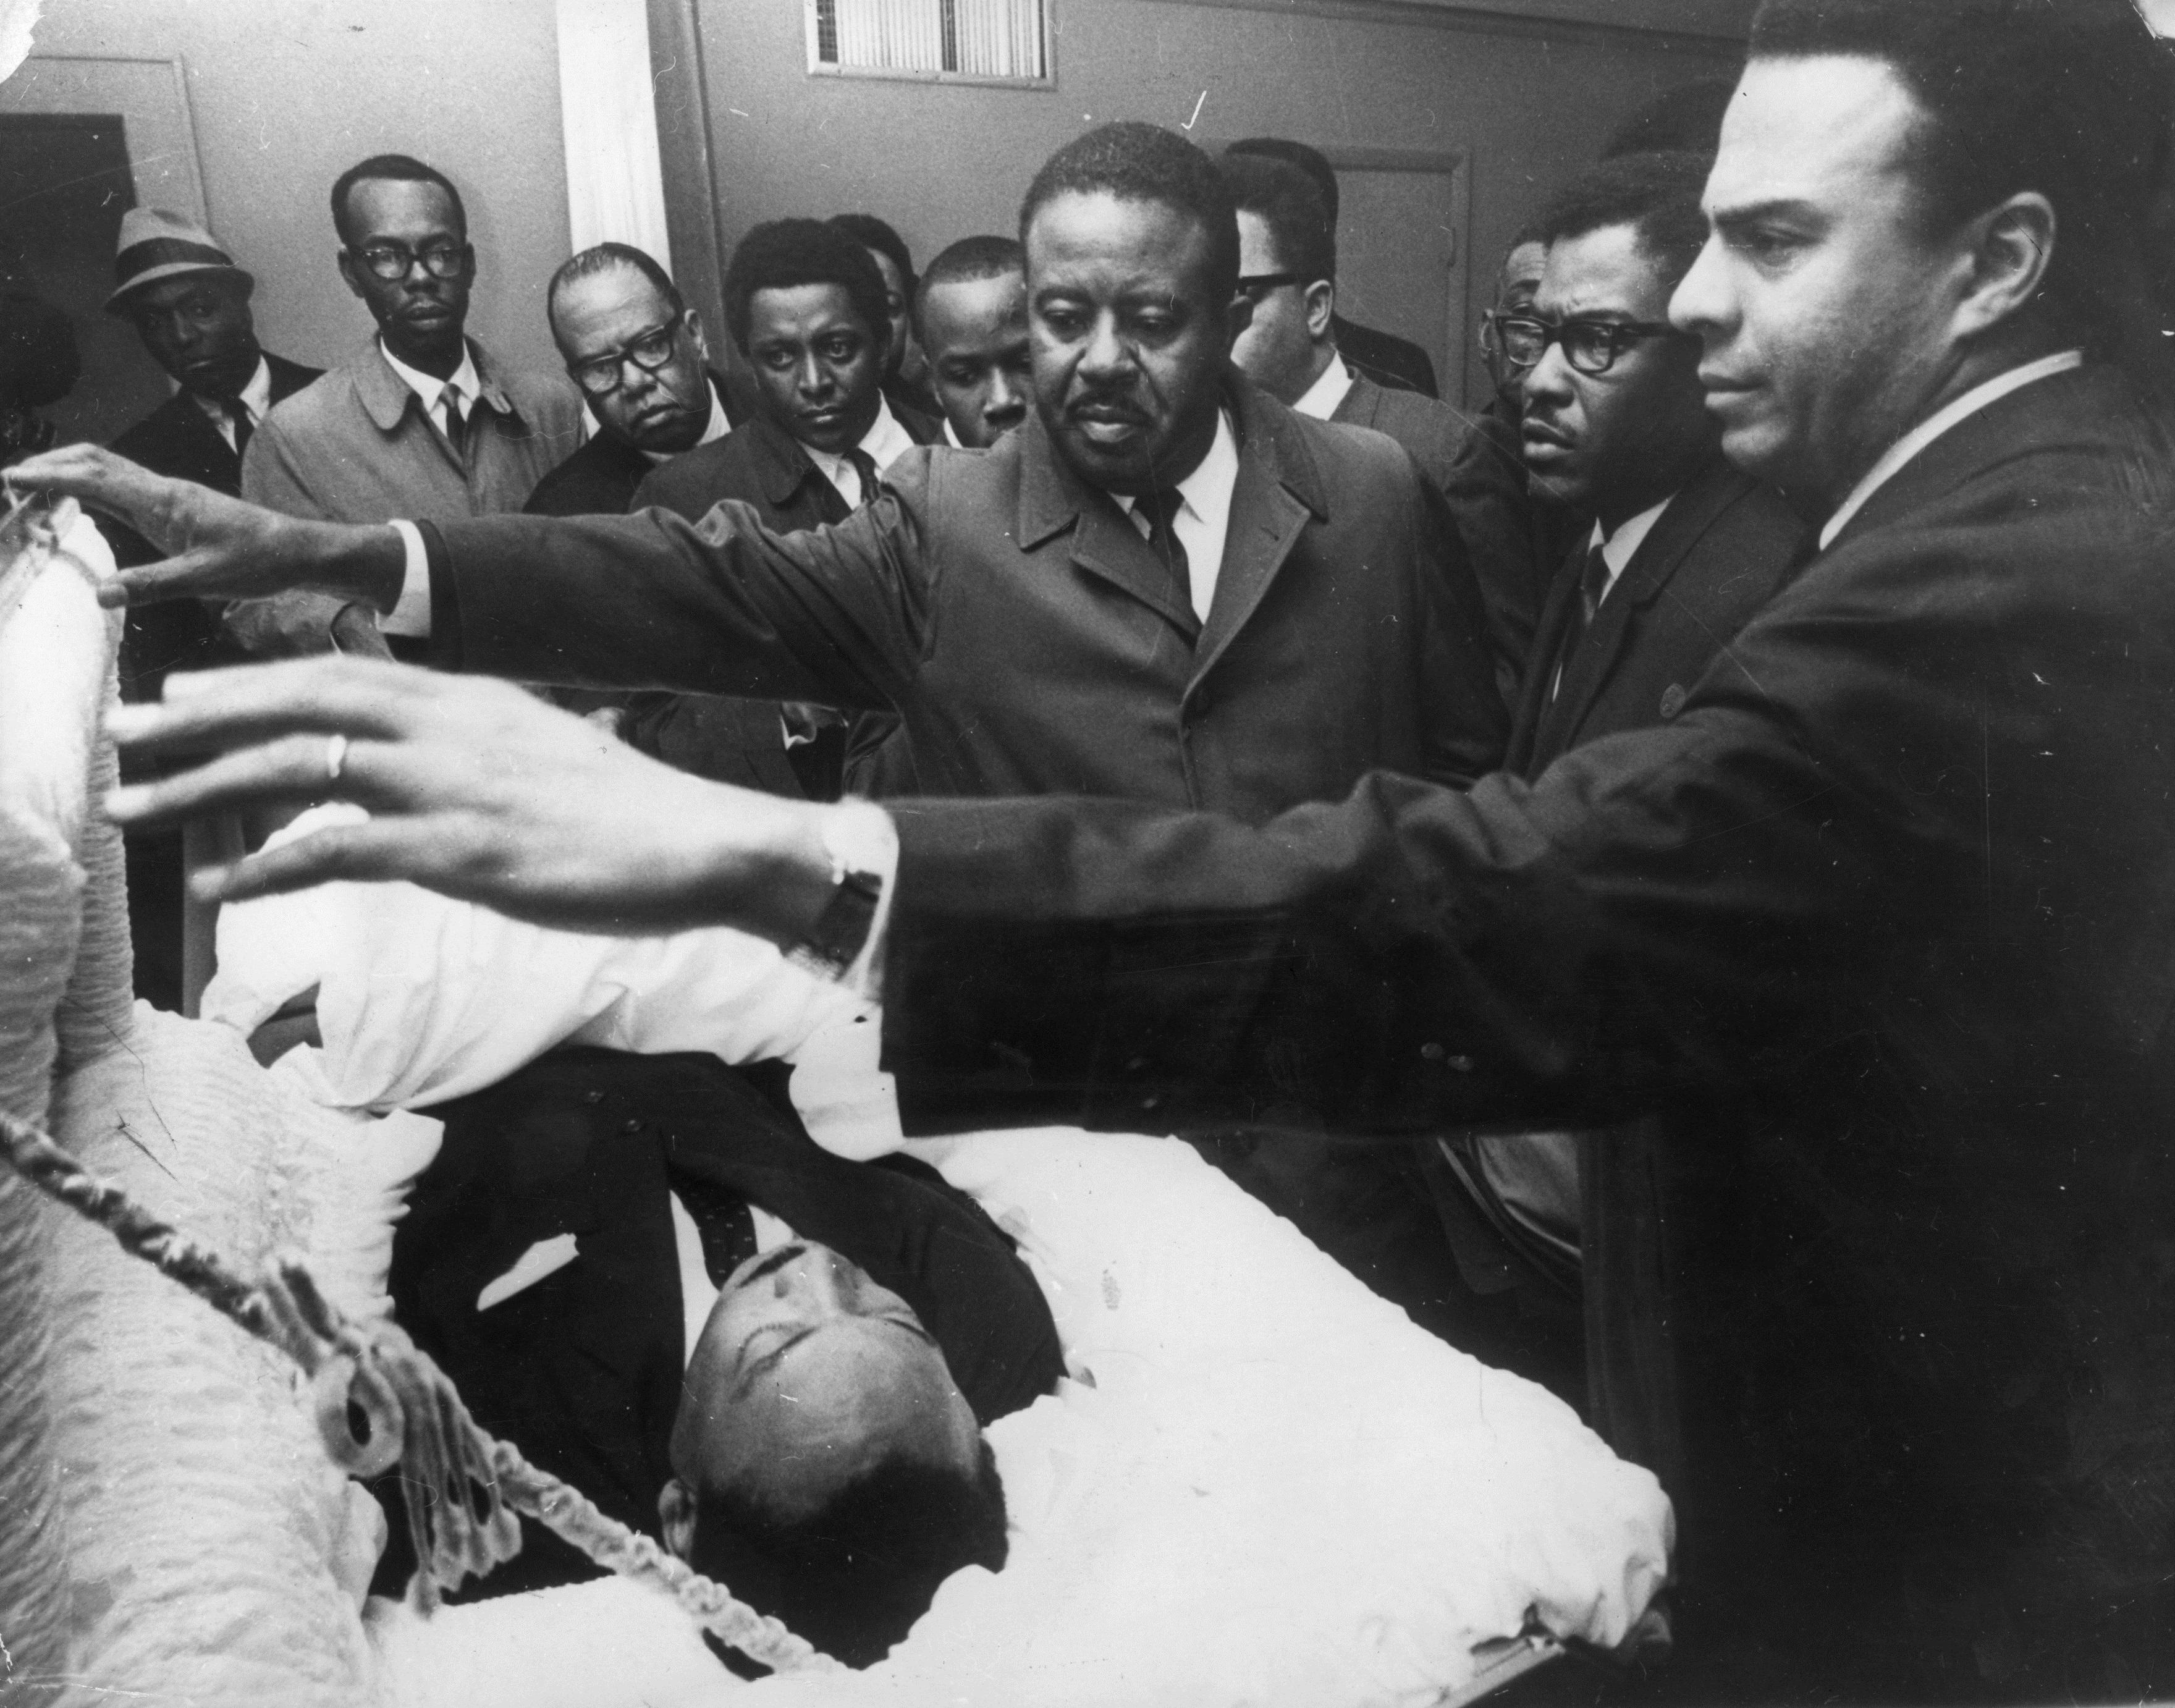 На 4 април 1968 г. Мартин Лутър Кинг е застрелян, докато стои на балкон в мотел Лорейн в Мемфис, Тенеси. Чува се изстрел, един куршум влиза през дясната му буза, разбива челюстта, поврежда гръбначния стълб и засяда в рамото. Убийството му се посреща с вълна от бунтове в повече от 60 града в САЩ. Пет дни по-късно президентът Линдън Джонсън обявява национален траур. Мартин Лутър Кинг е първият чернокож, за когото се обявява национален траур в САЩ. 300 000 симпатизанти присъстват на погребението му.